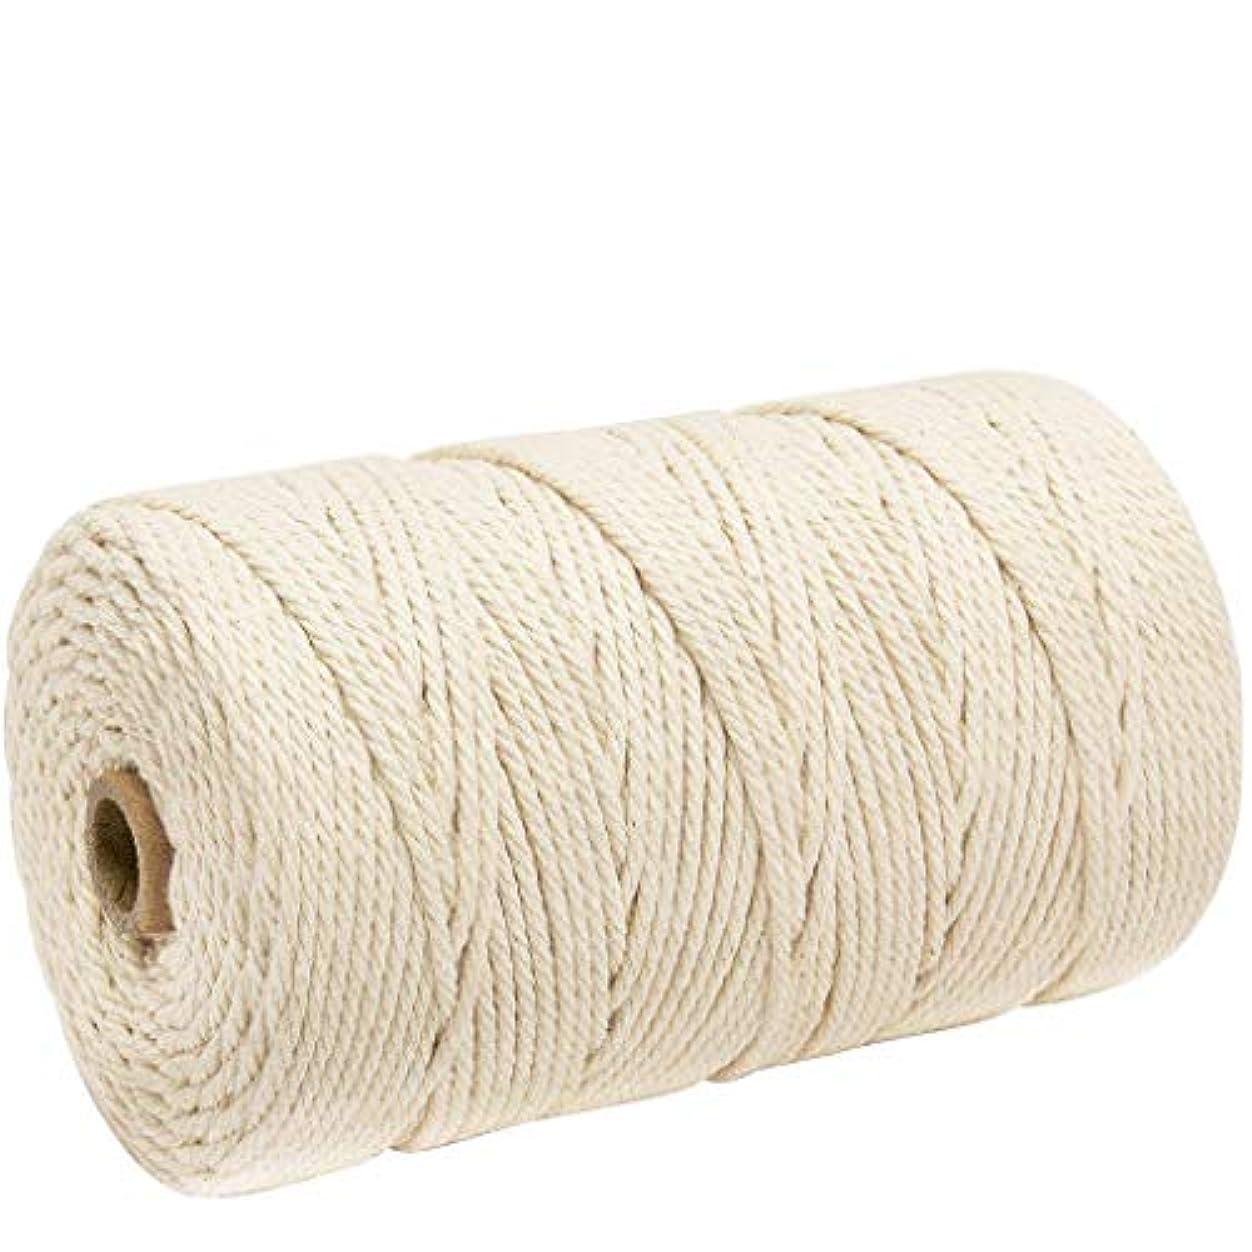 促す縫い目重荷ナチュラルコットン マクラメ ロープ 紐 糸 手作り編み糸 綿 DIY壁掛けハンガークラフト編みコードロープ 3㎜ 200m (ライスホワイト)